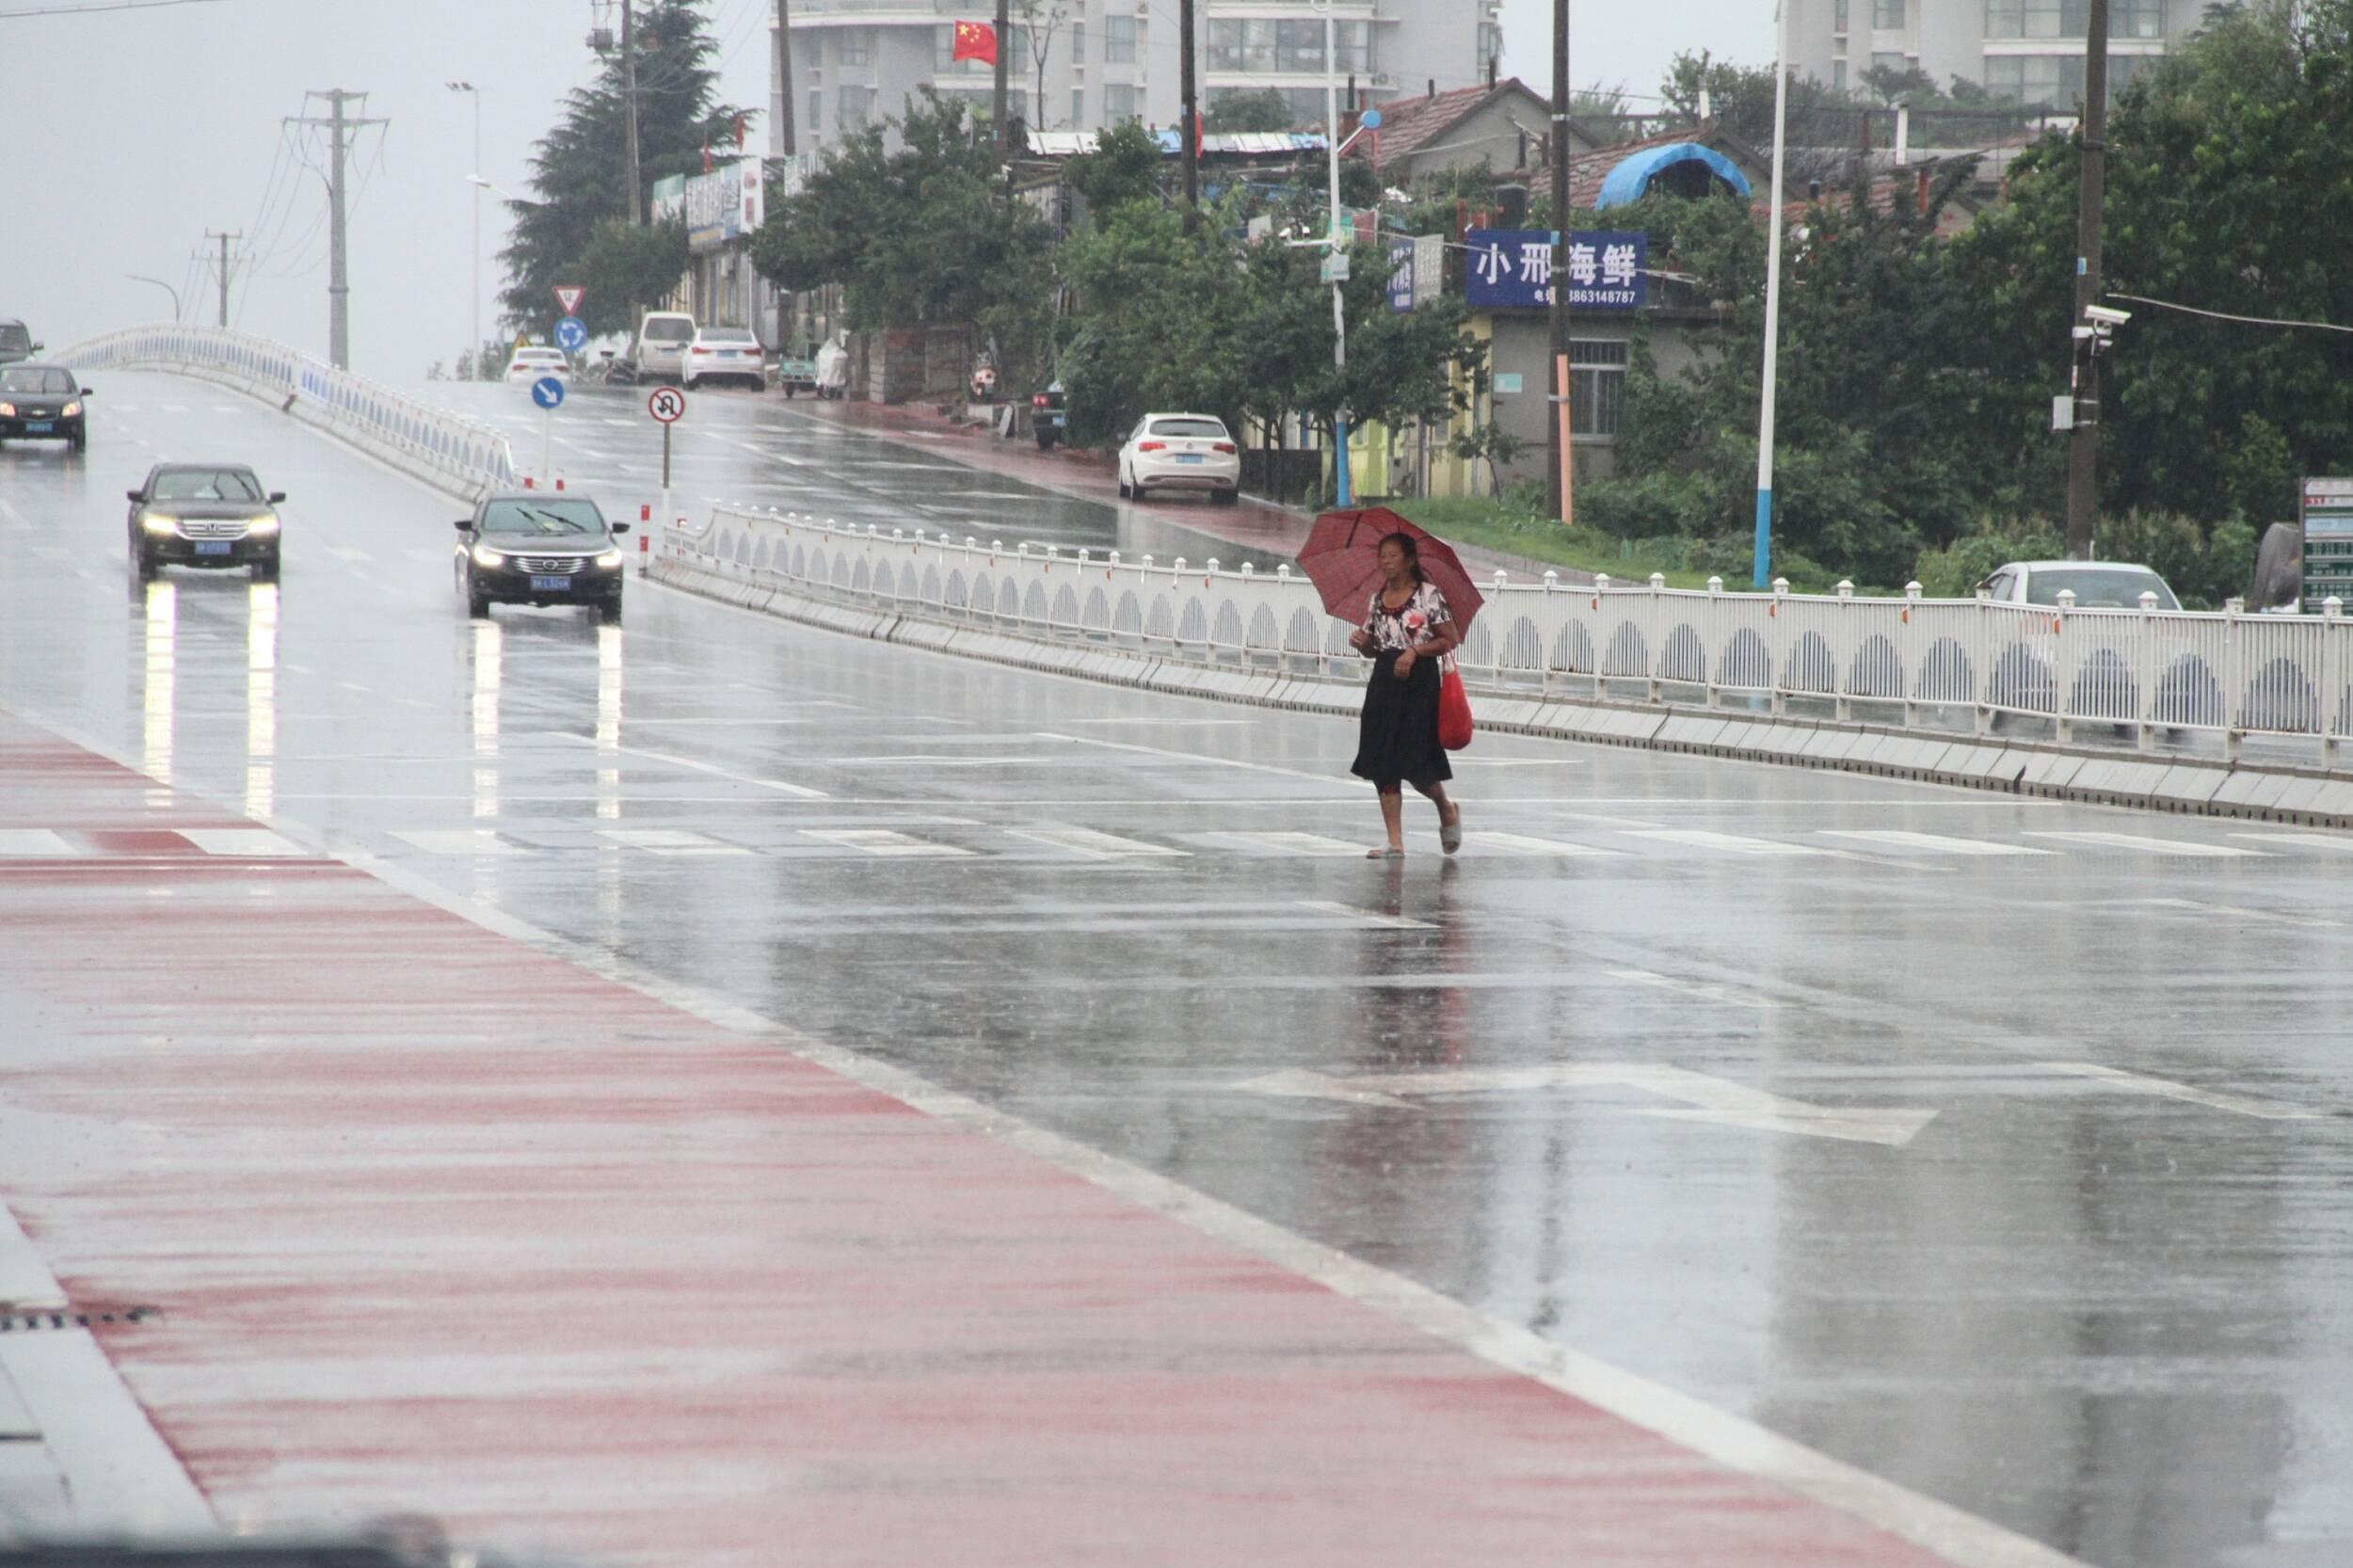 山东发布地质灾害和暴雨黄色预警!今夜开始济南、淄博、潍坊等地注意防范